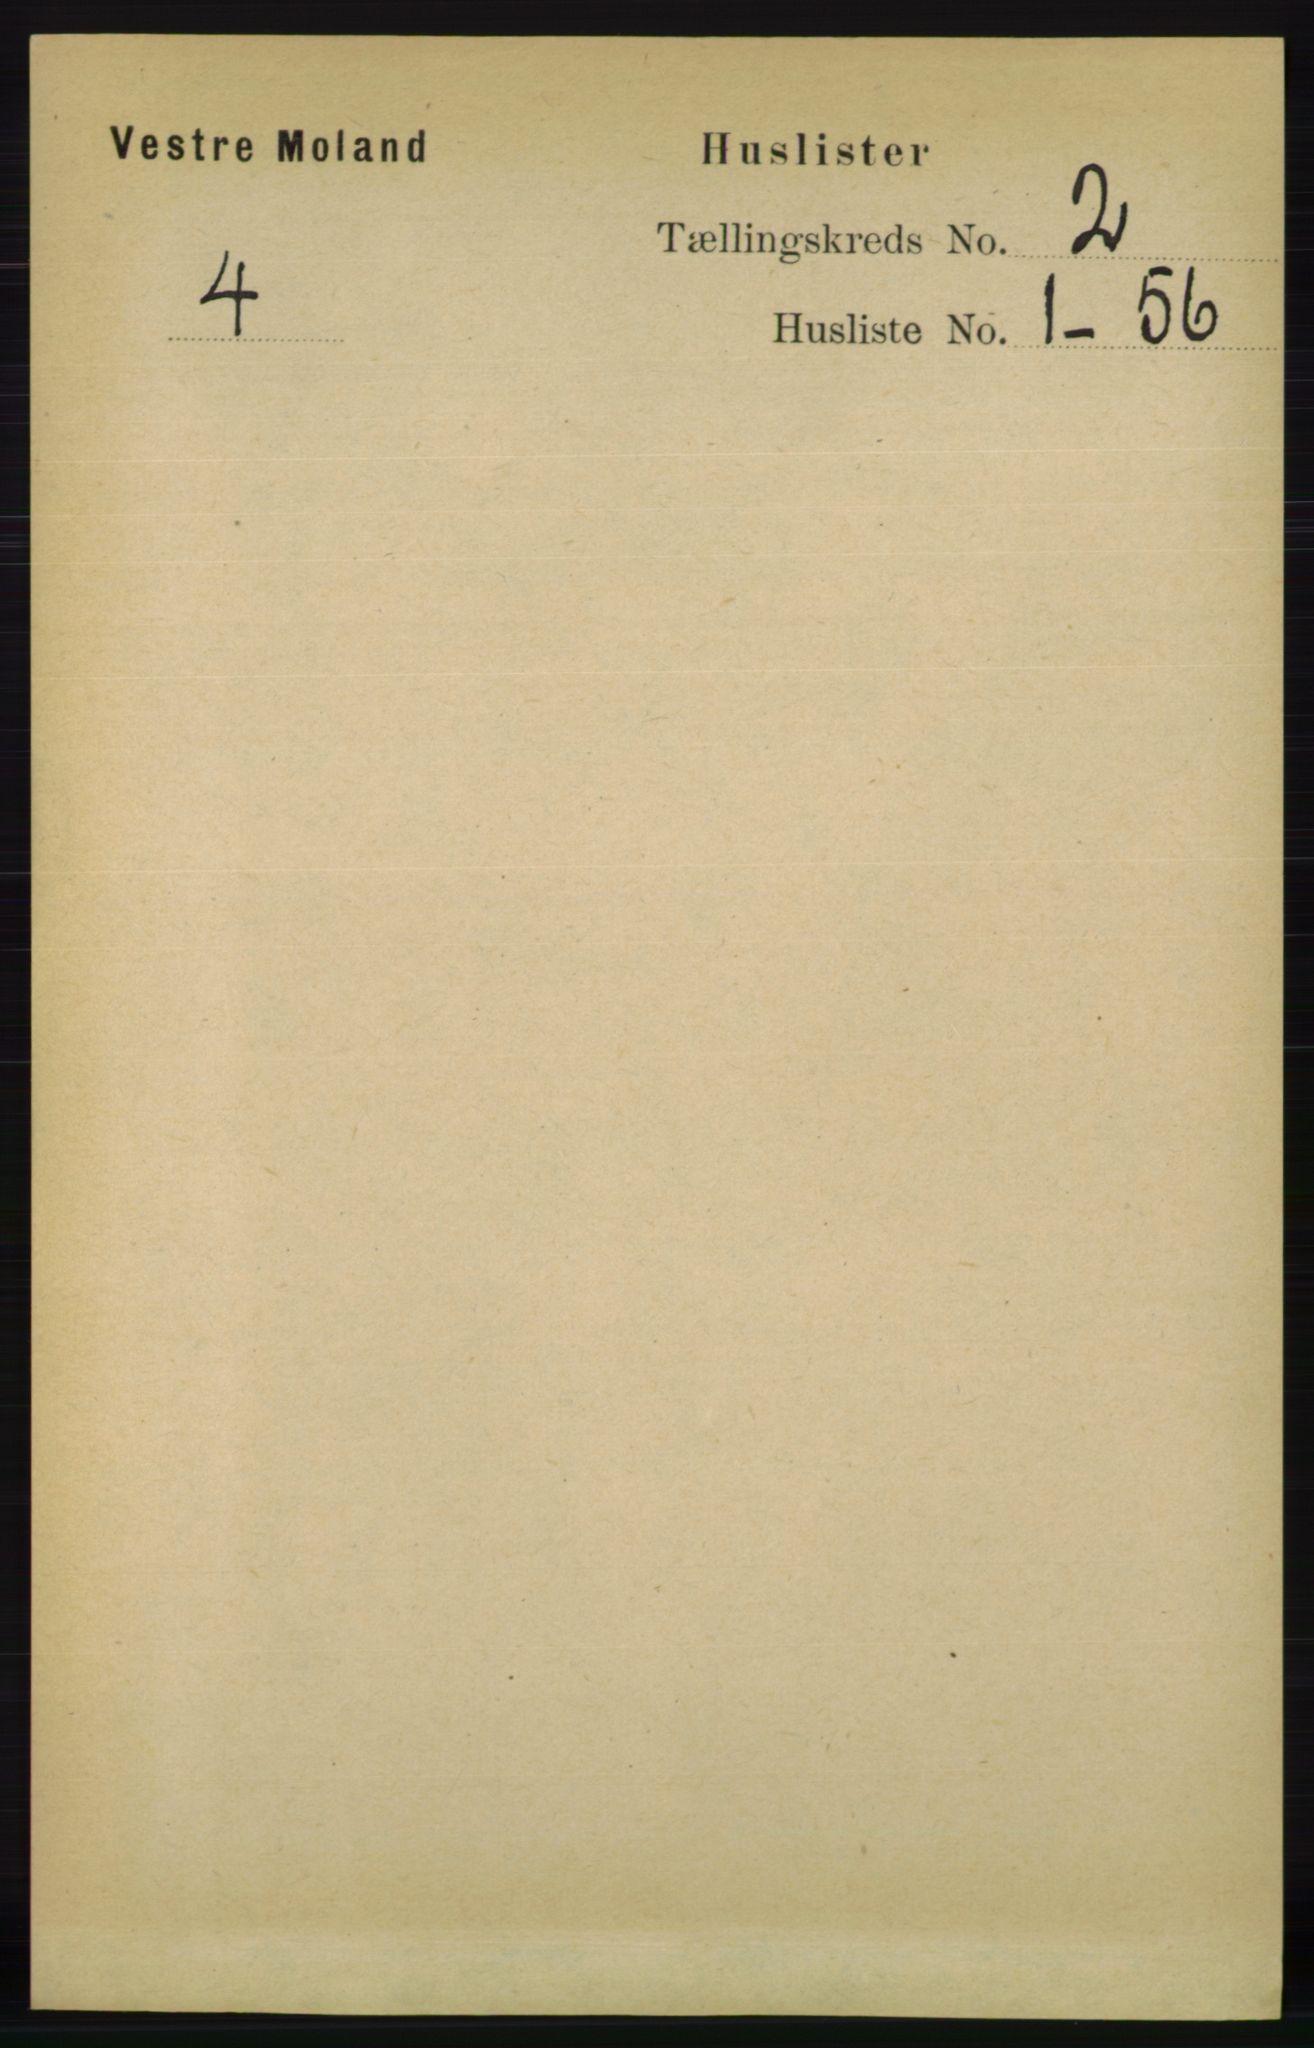 RA, Folketelling 1891 for 0926 Vestre Moland herred, 1891, s. 567